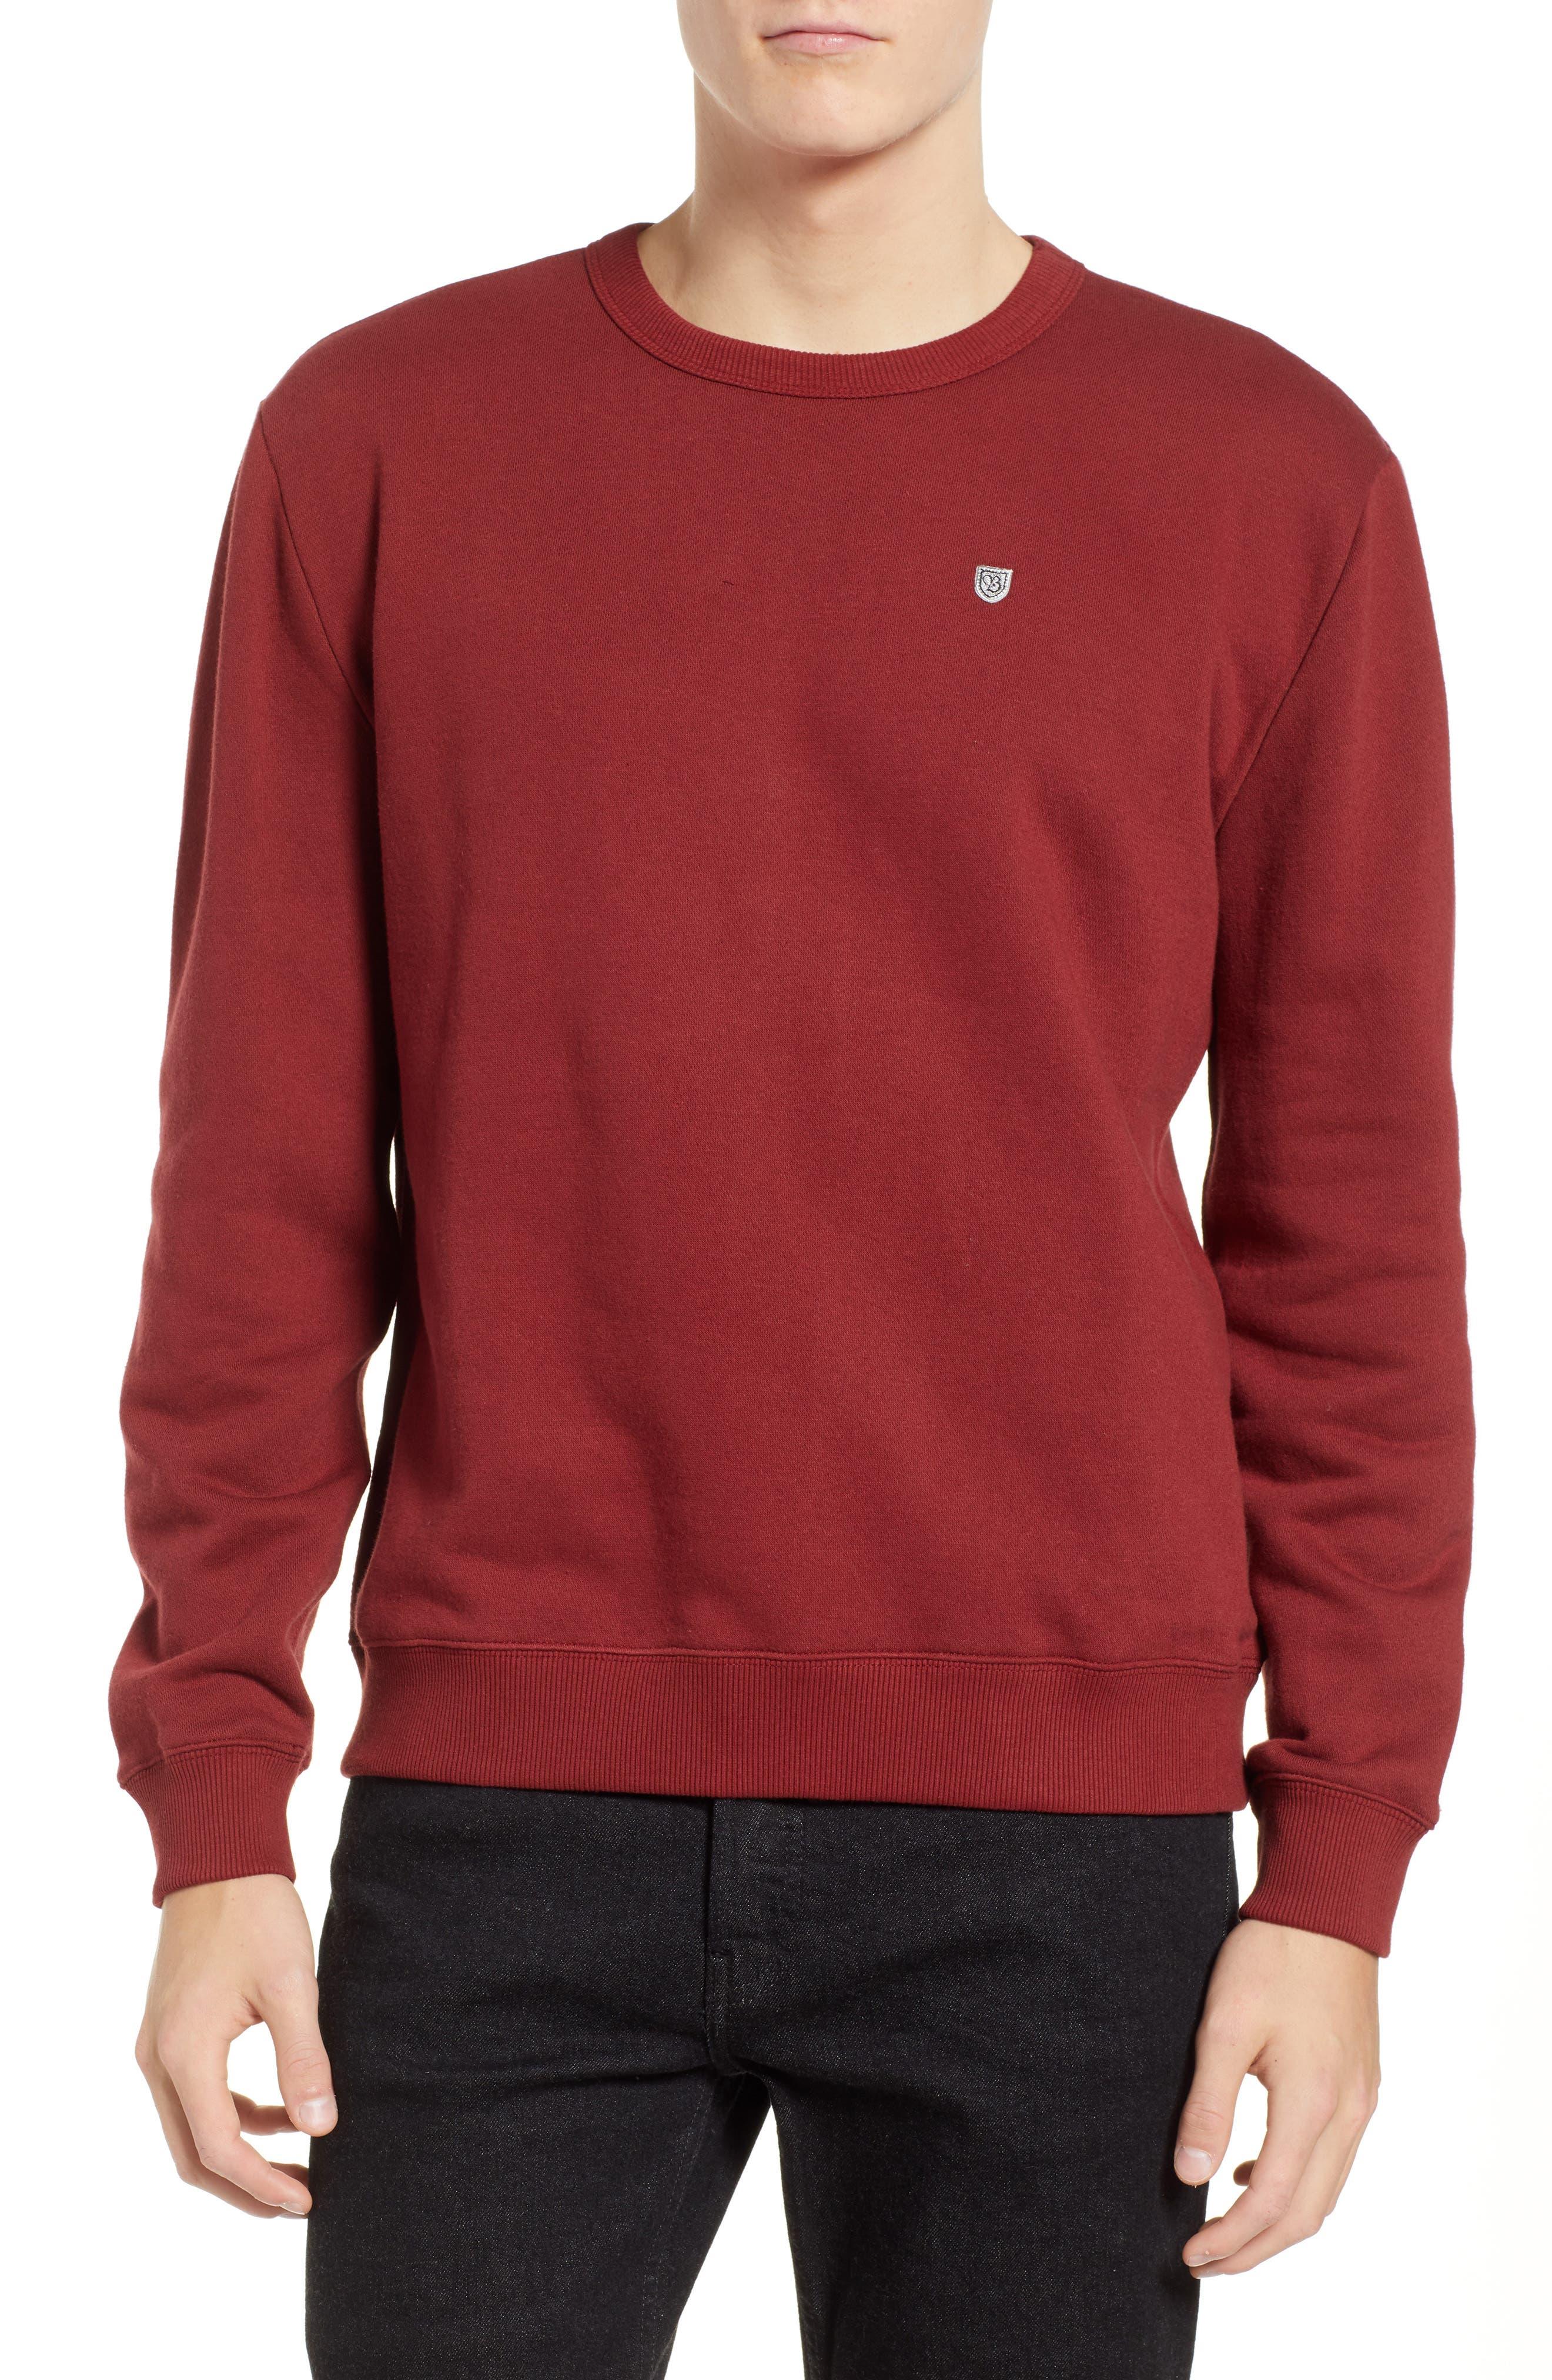 B-Shield Appliqué Crewneck Sweatshirt,                         Main,                         color, RED